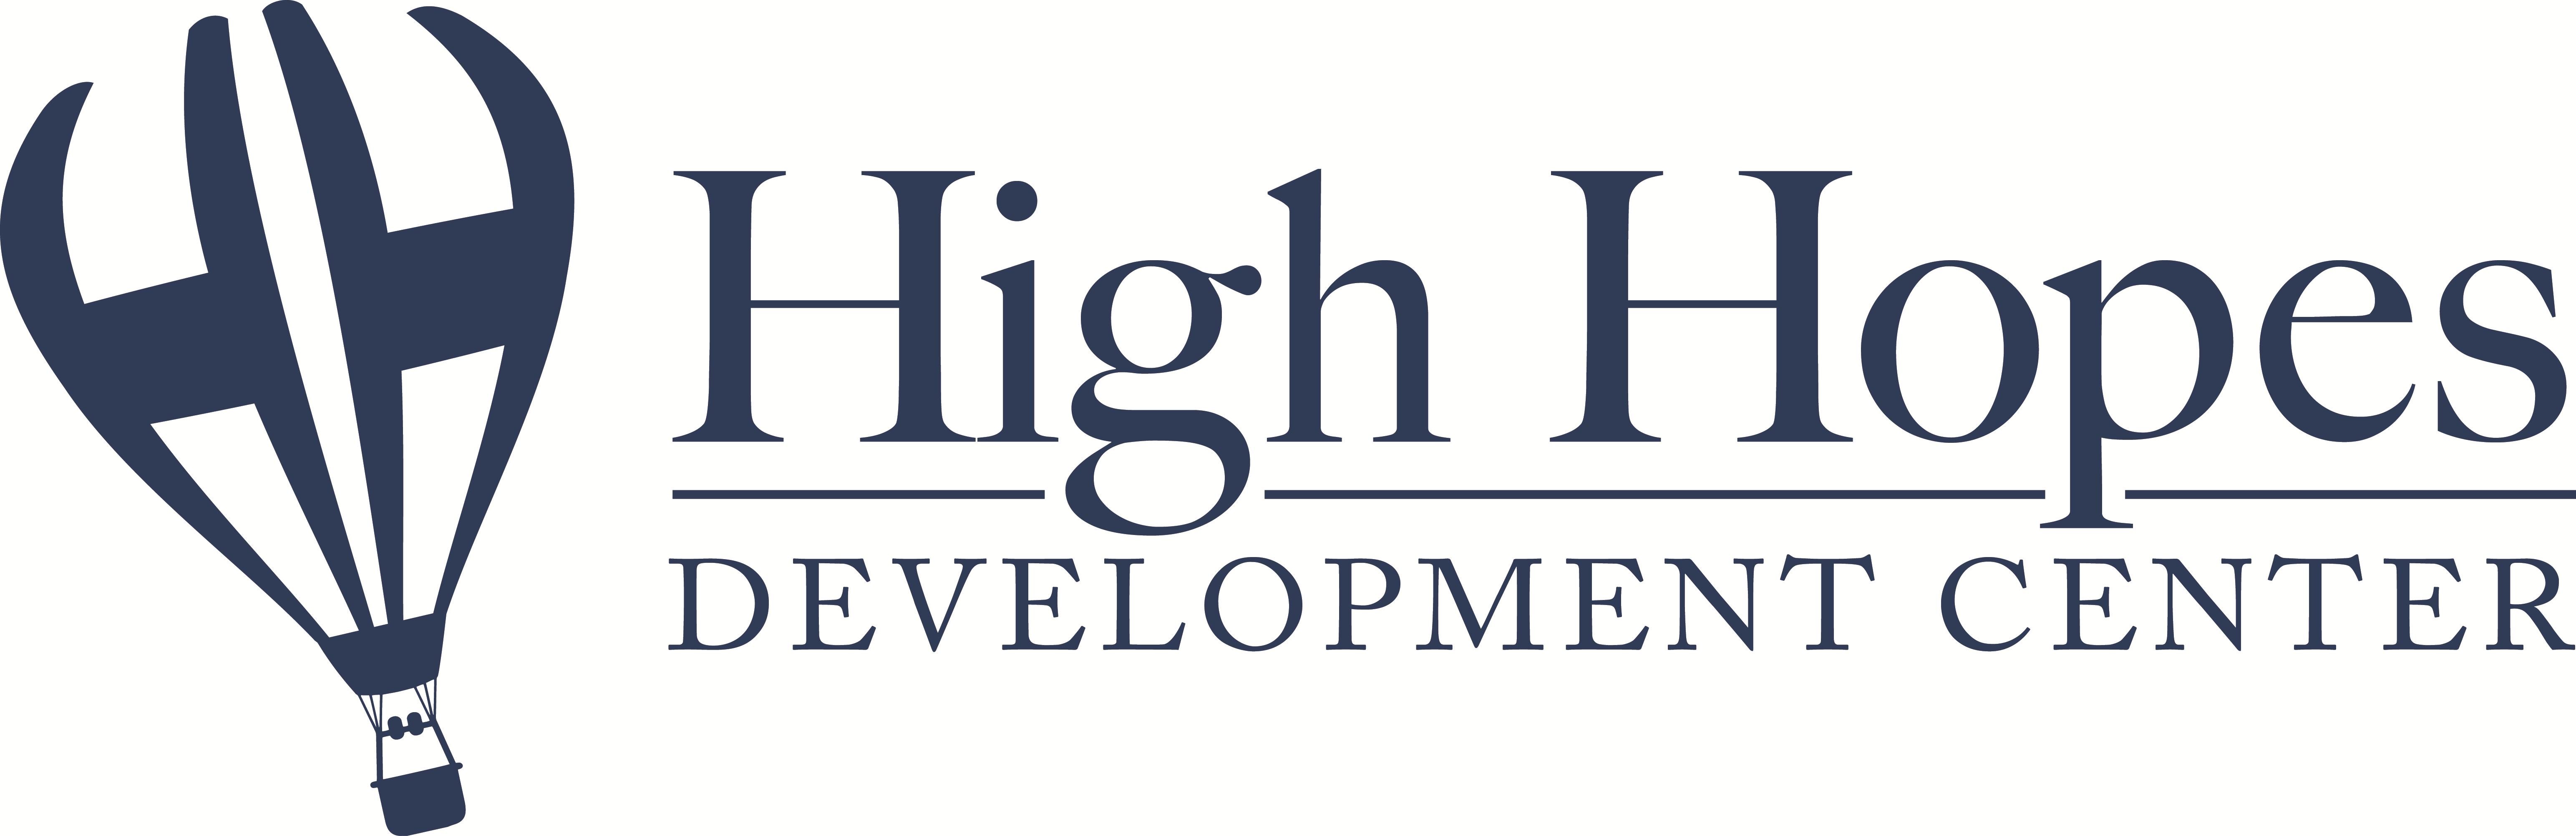 High Hopes Development Center Company Logo